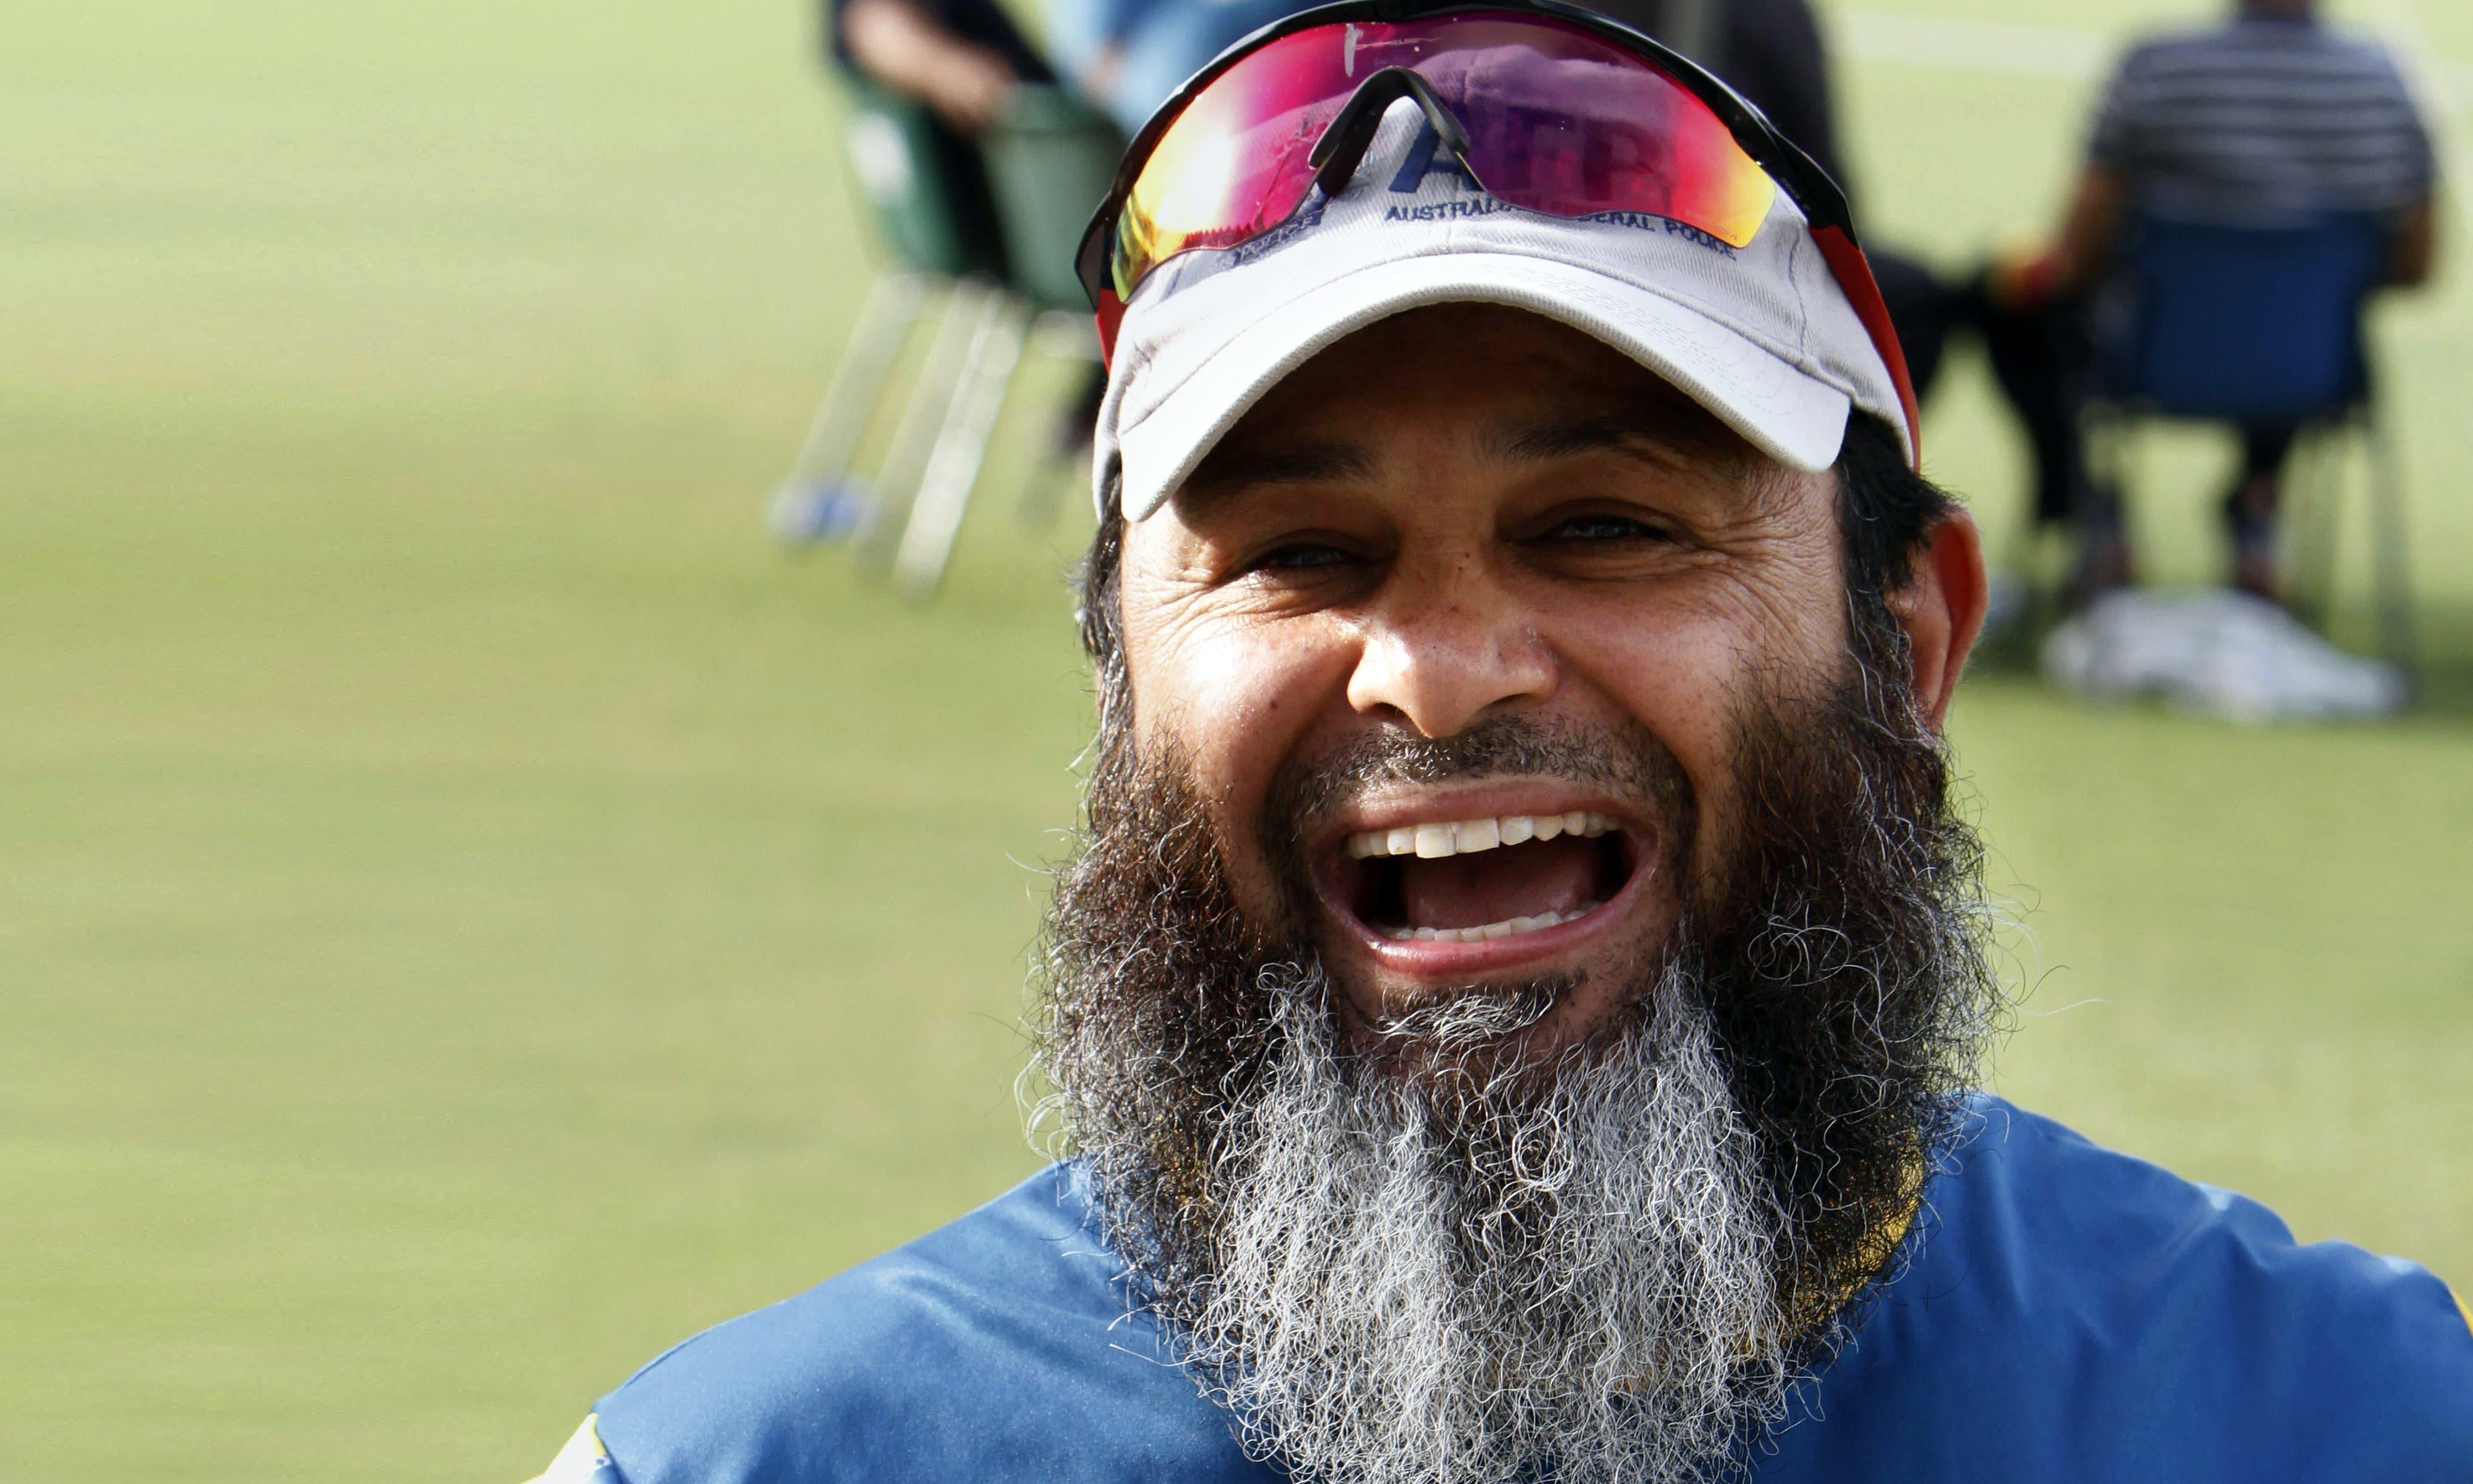 تماشائیوں کی عدم موجودگی میں کھلاڑی ایک دوسرے کی حوصلہ افزائی کریں، مشتاق احمد